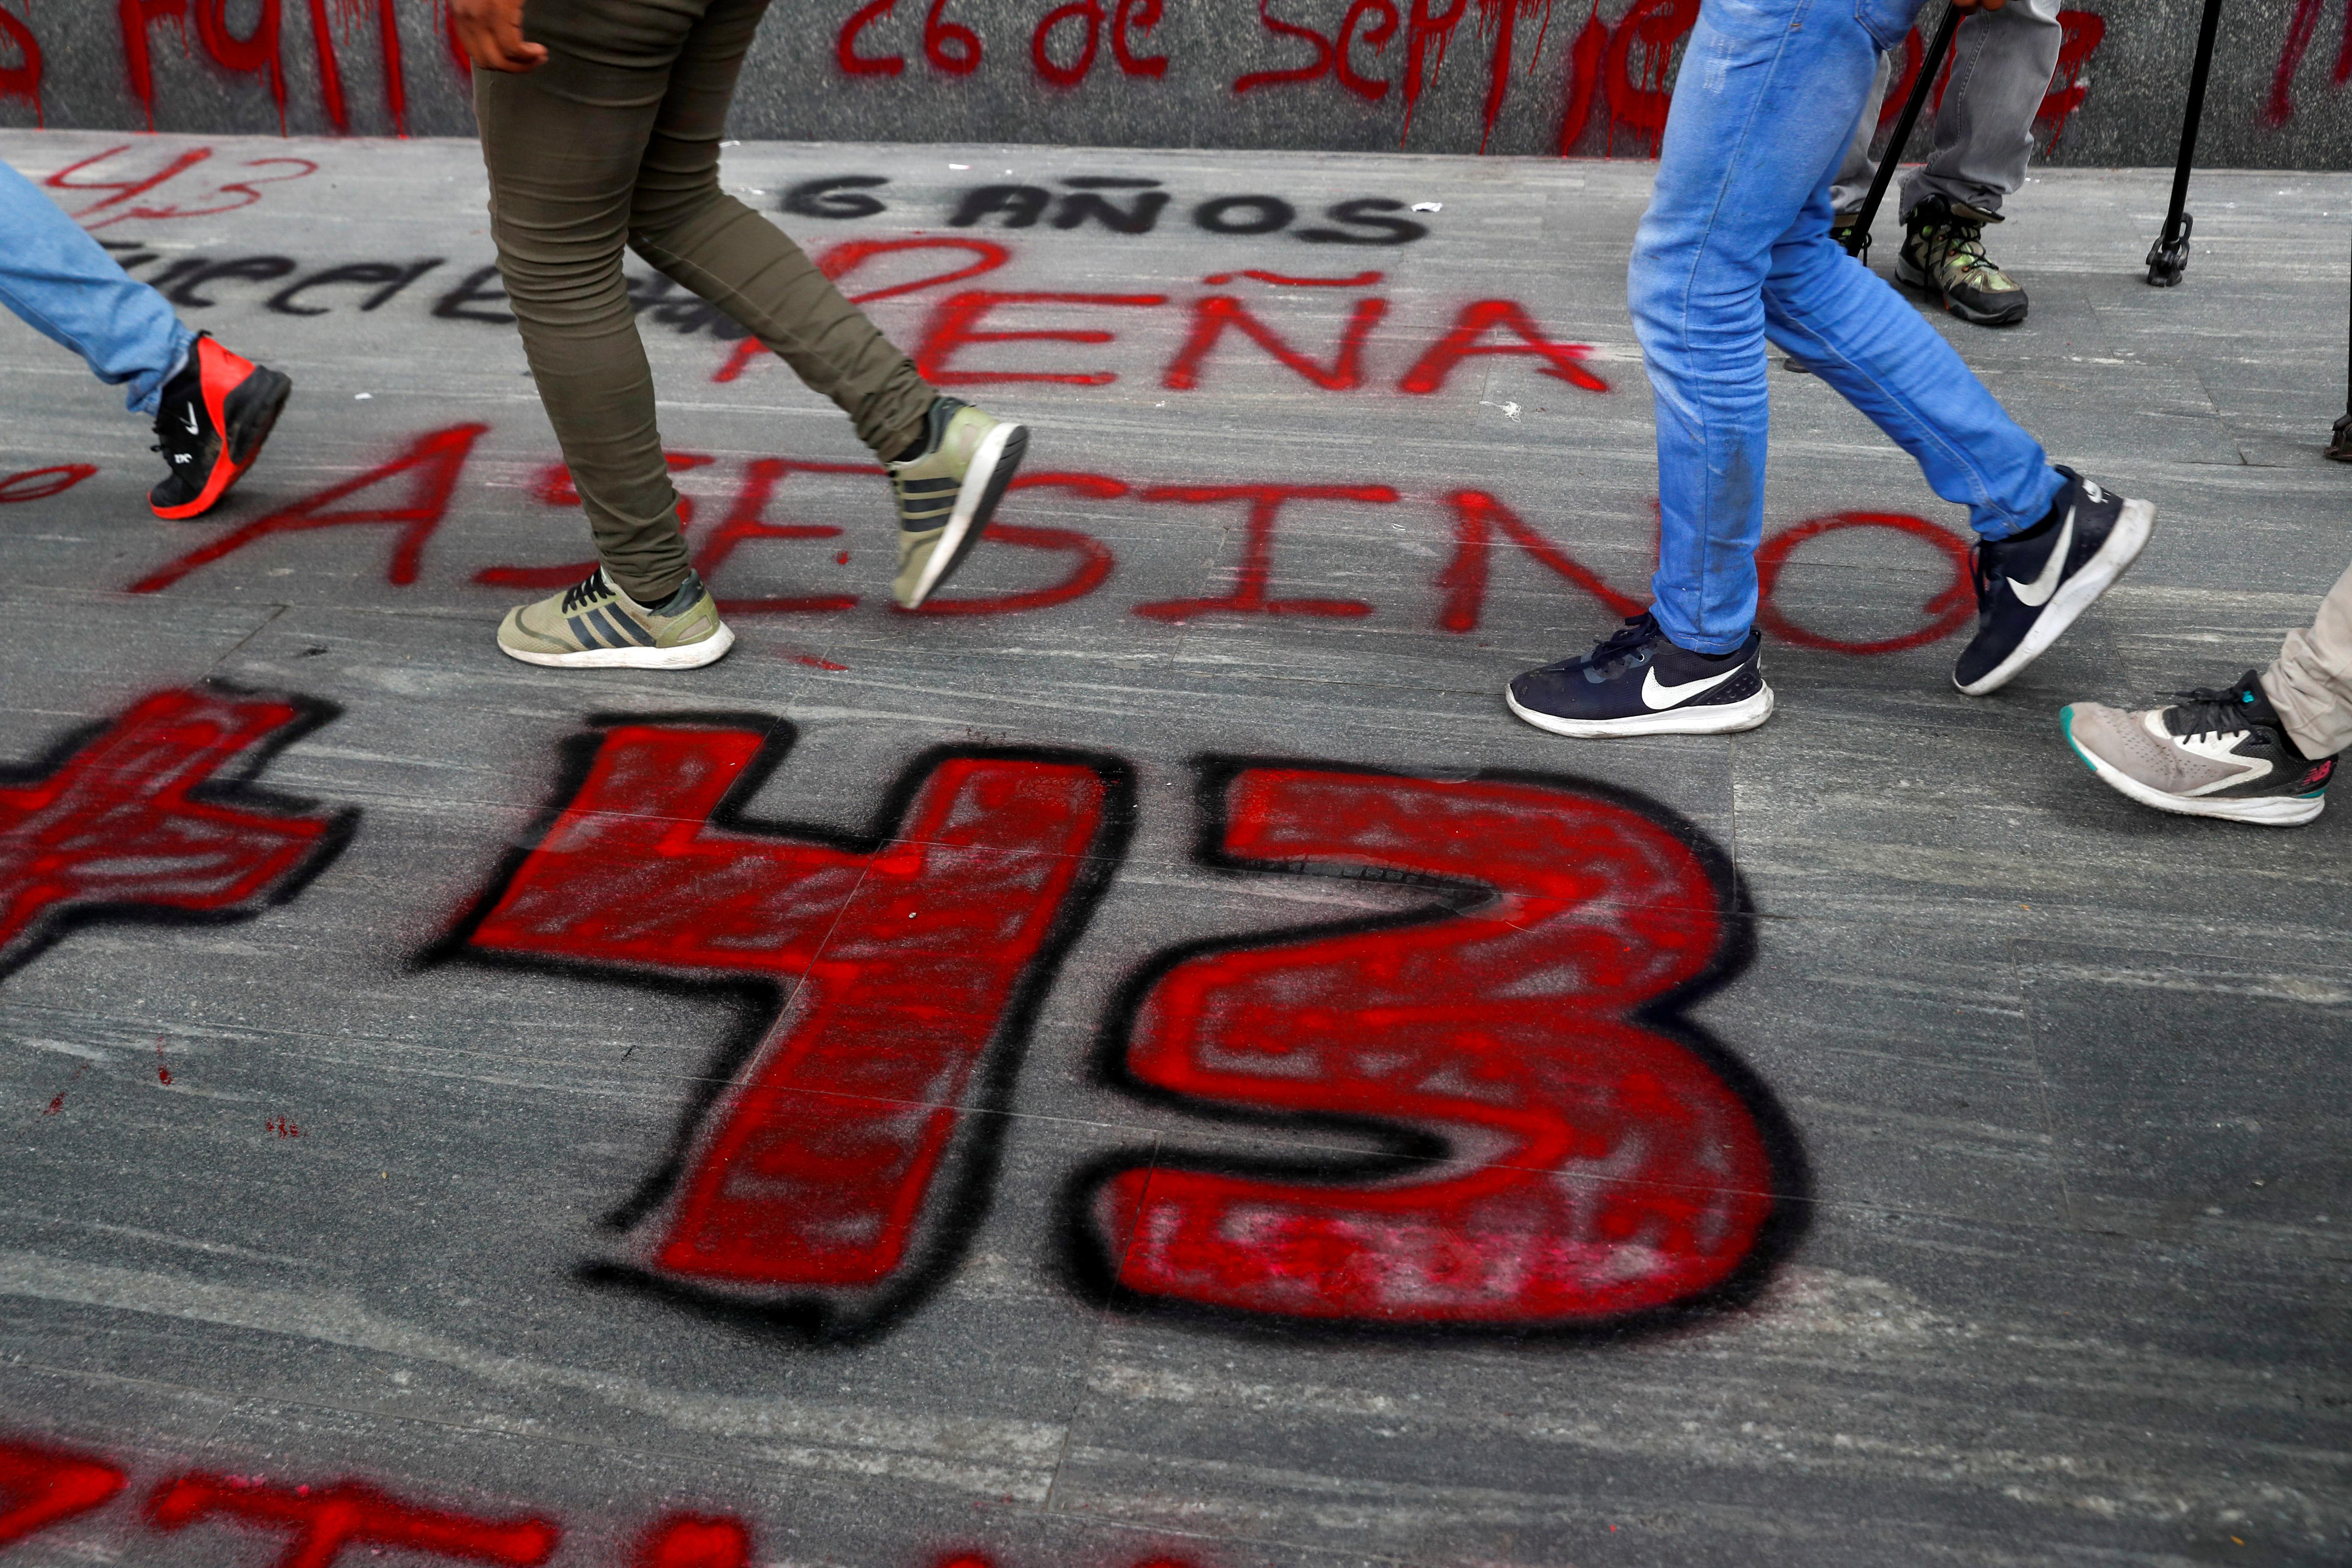 Estudiantes de la Escuela Normal Rural de Ayotzinapa pasan frente a un letrero